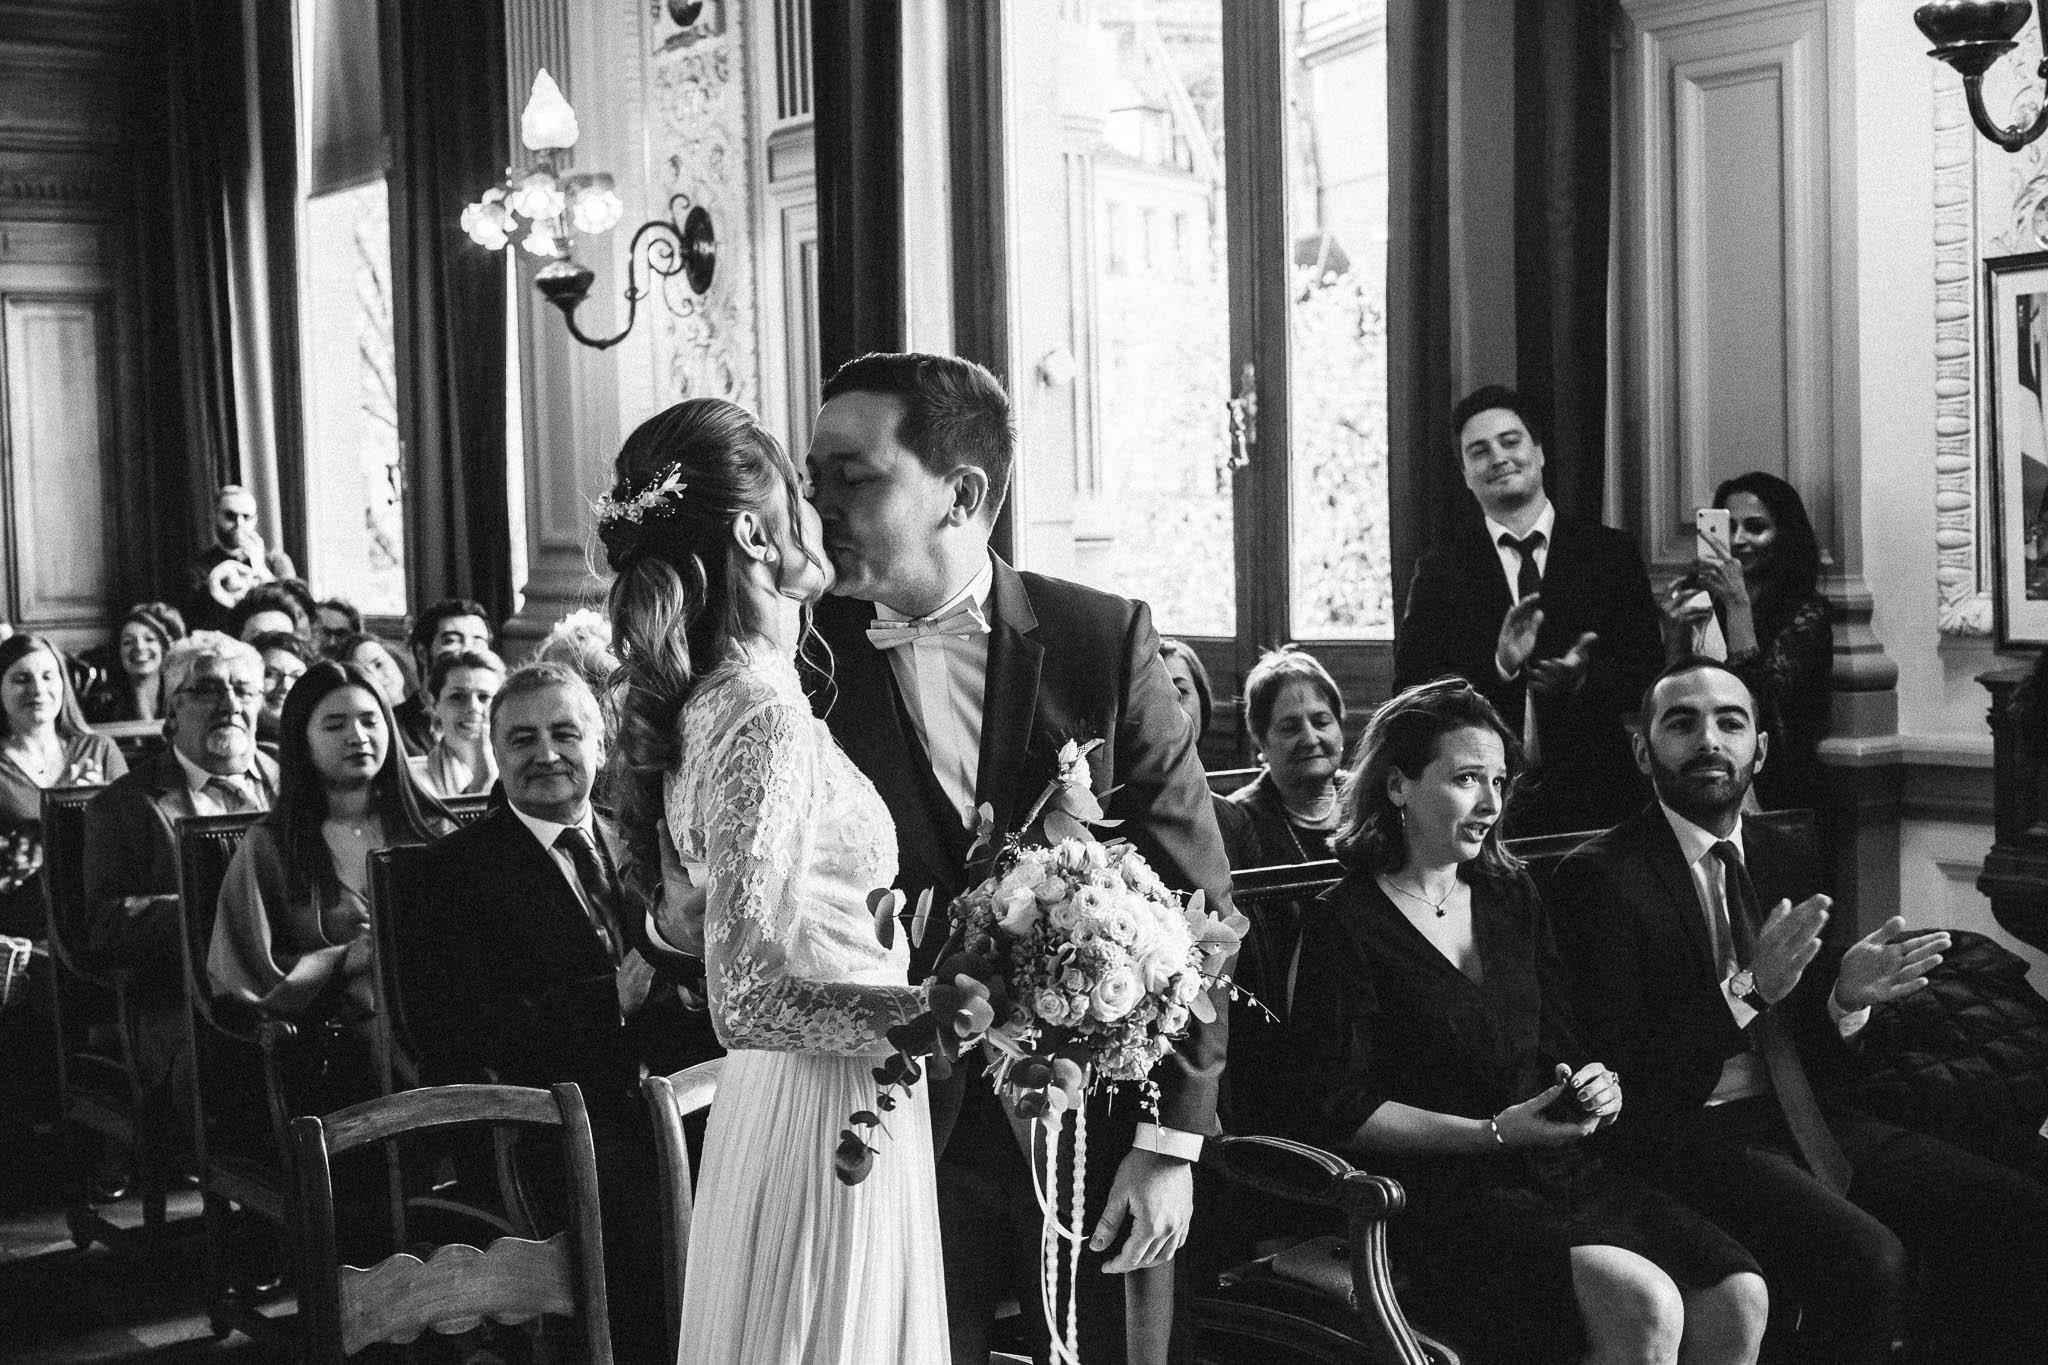 Art_Avec_Amour_Photographe_Mariage_Famille_Paris_France-00180.jpg